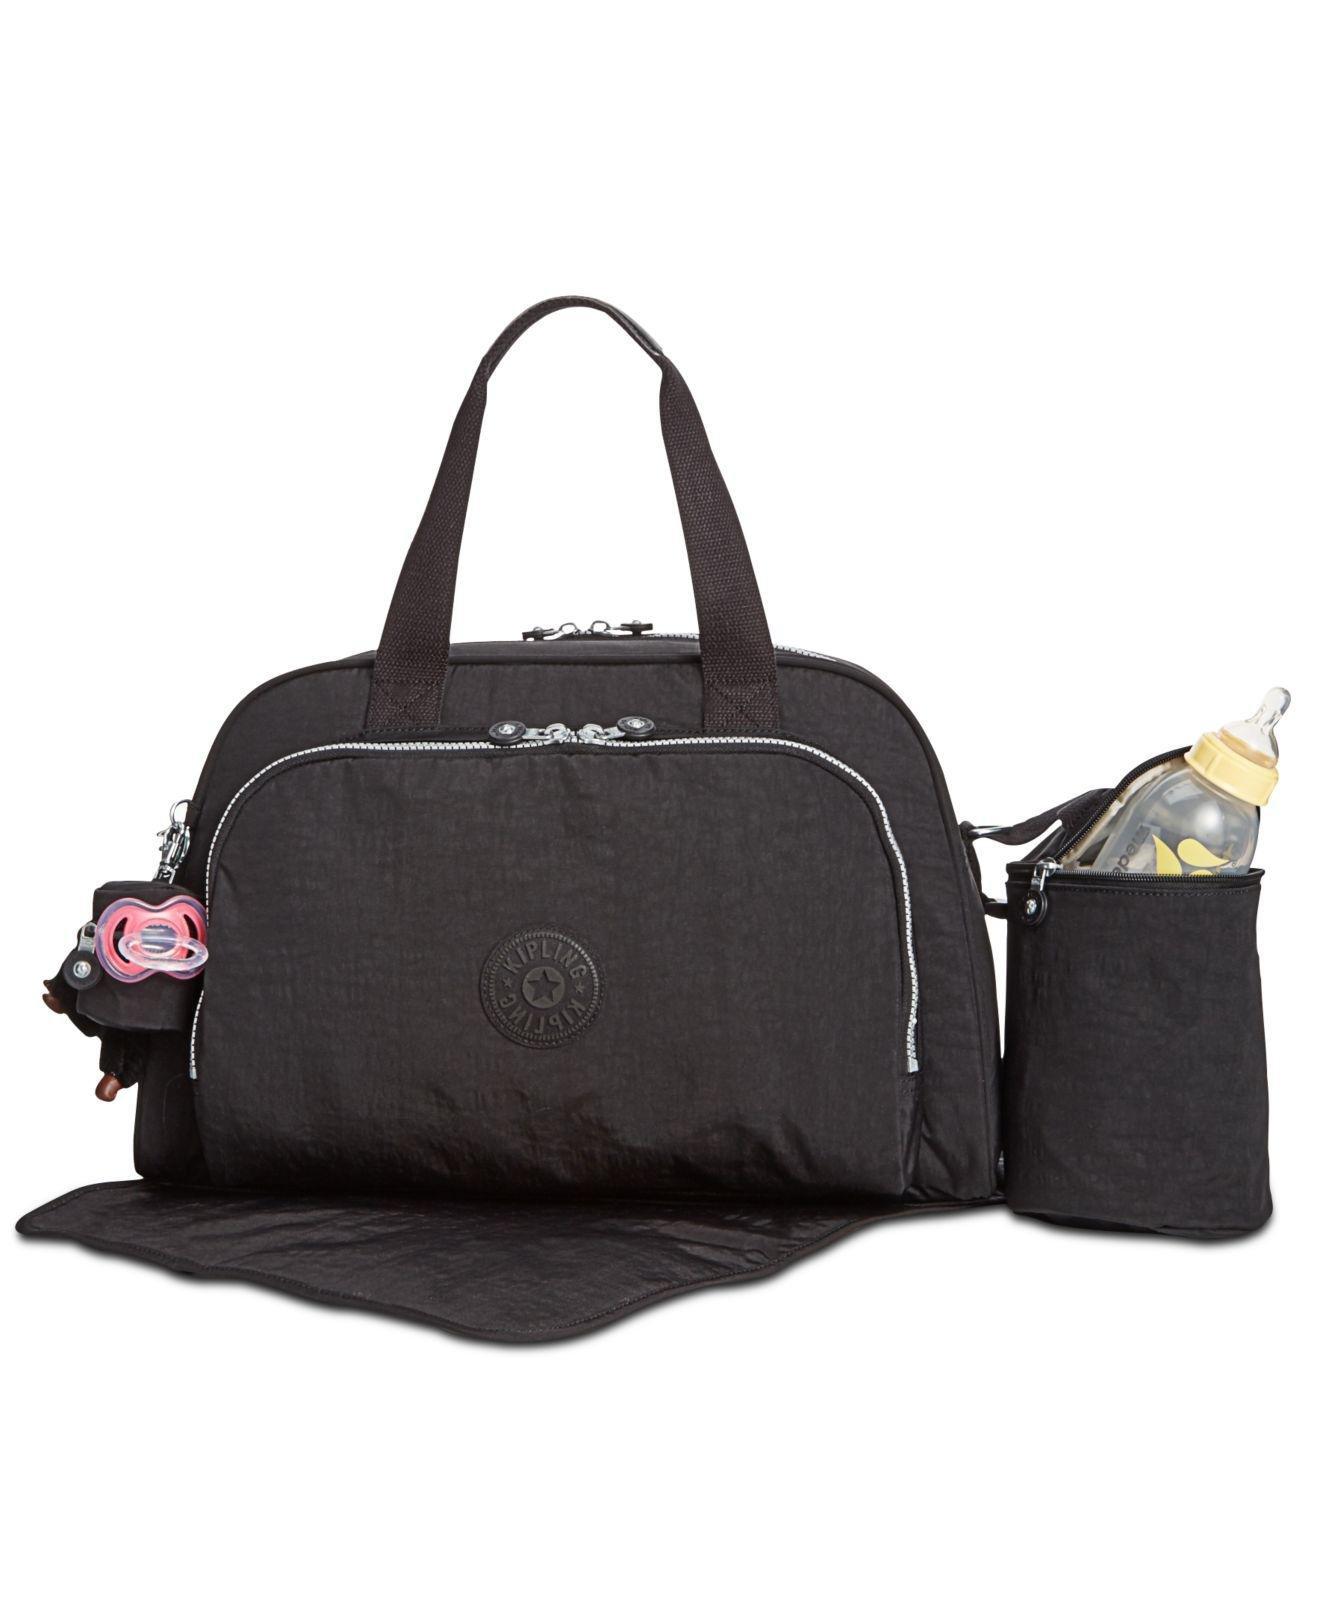 Camama Extra Large Diaper Bag Satchel